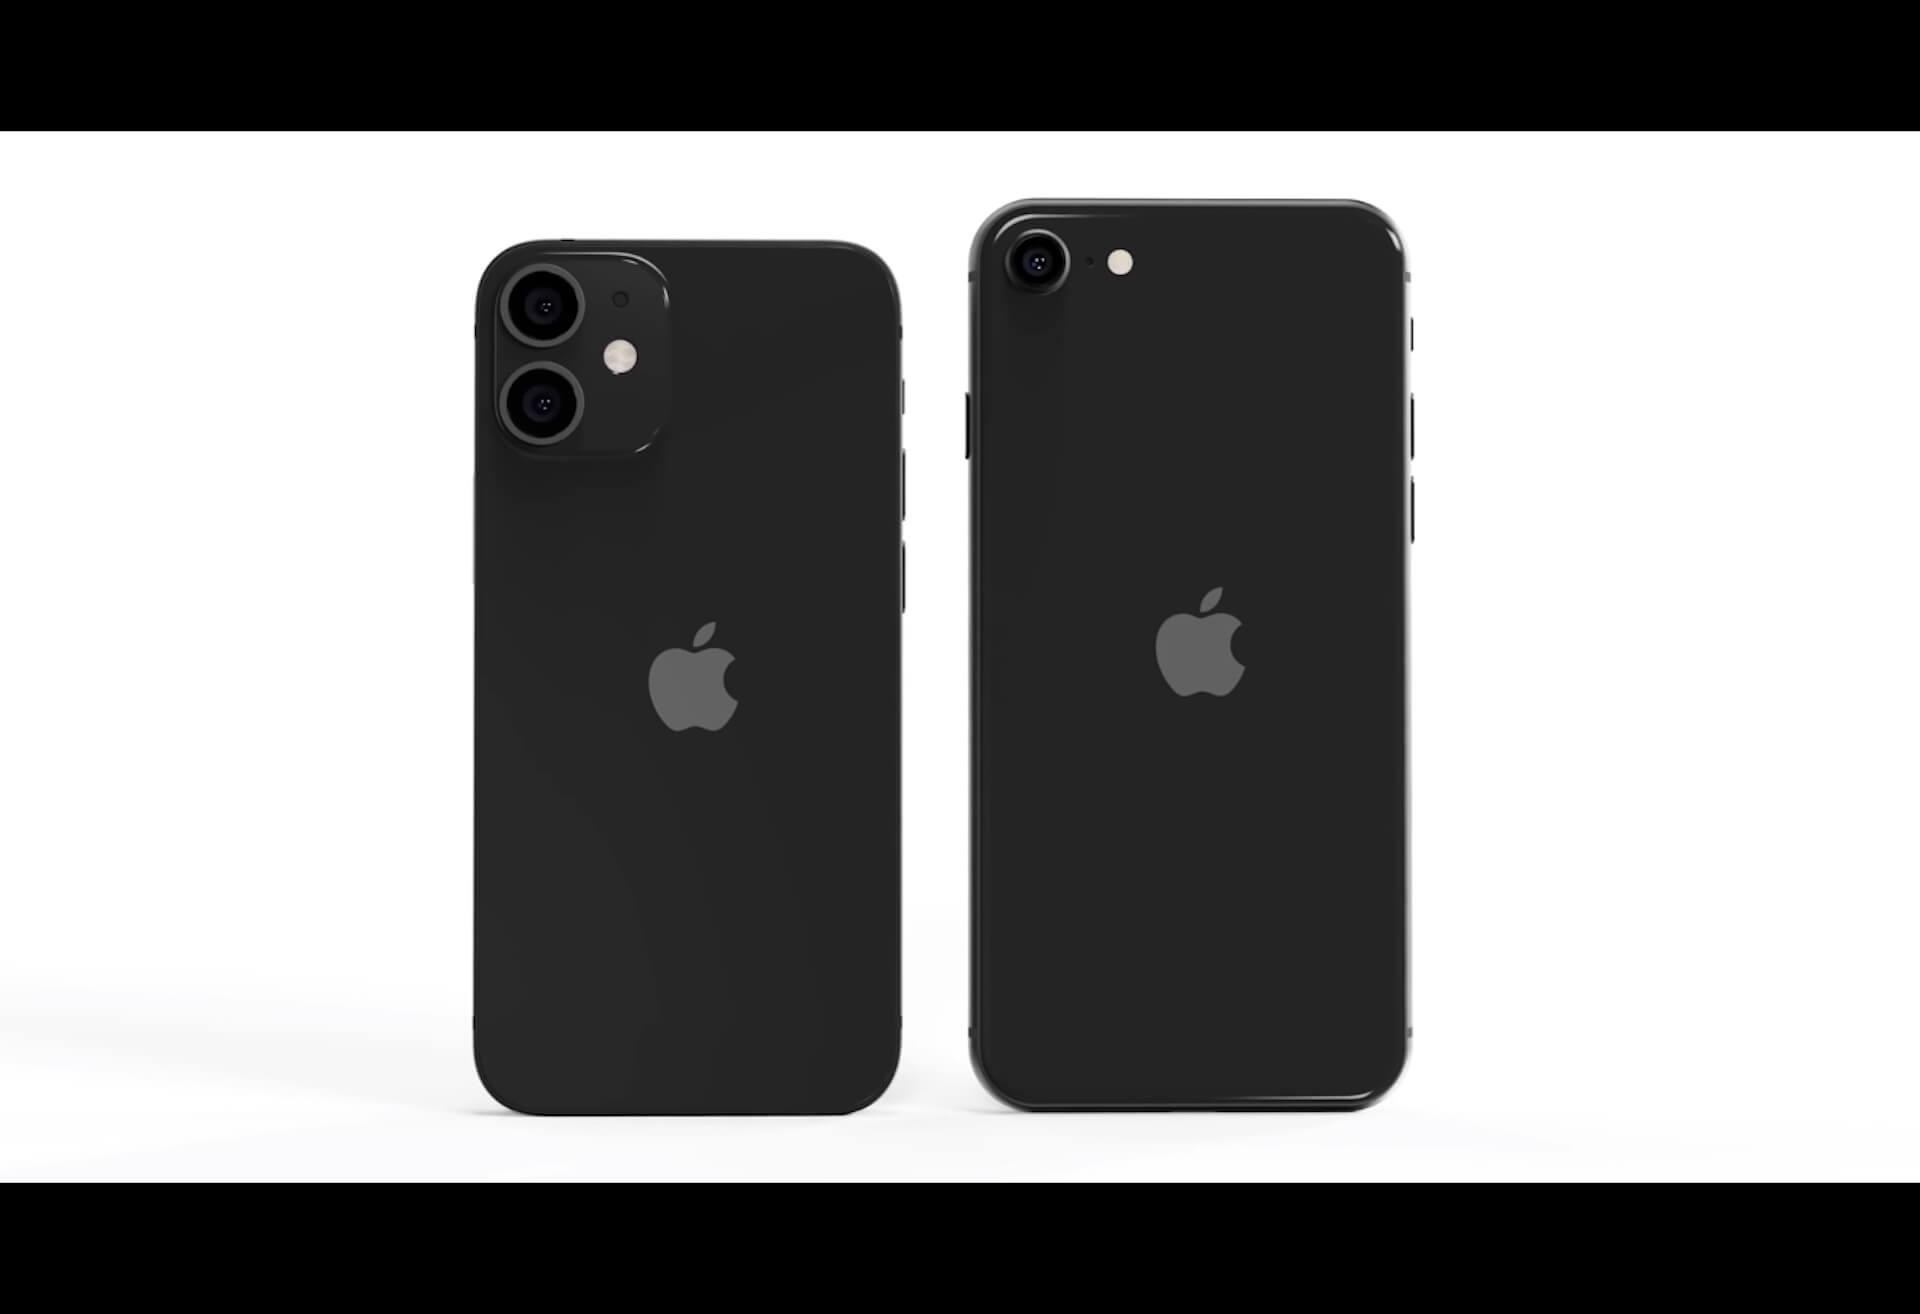 5.4インチiPhone 12のサイズ感を自分のiPhoneで確かめられる!?便利な画像が登場 tech200730_iphone12_pic_main